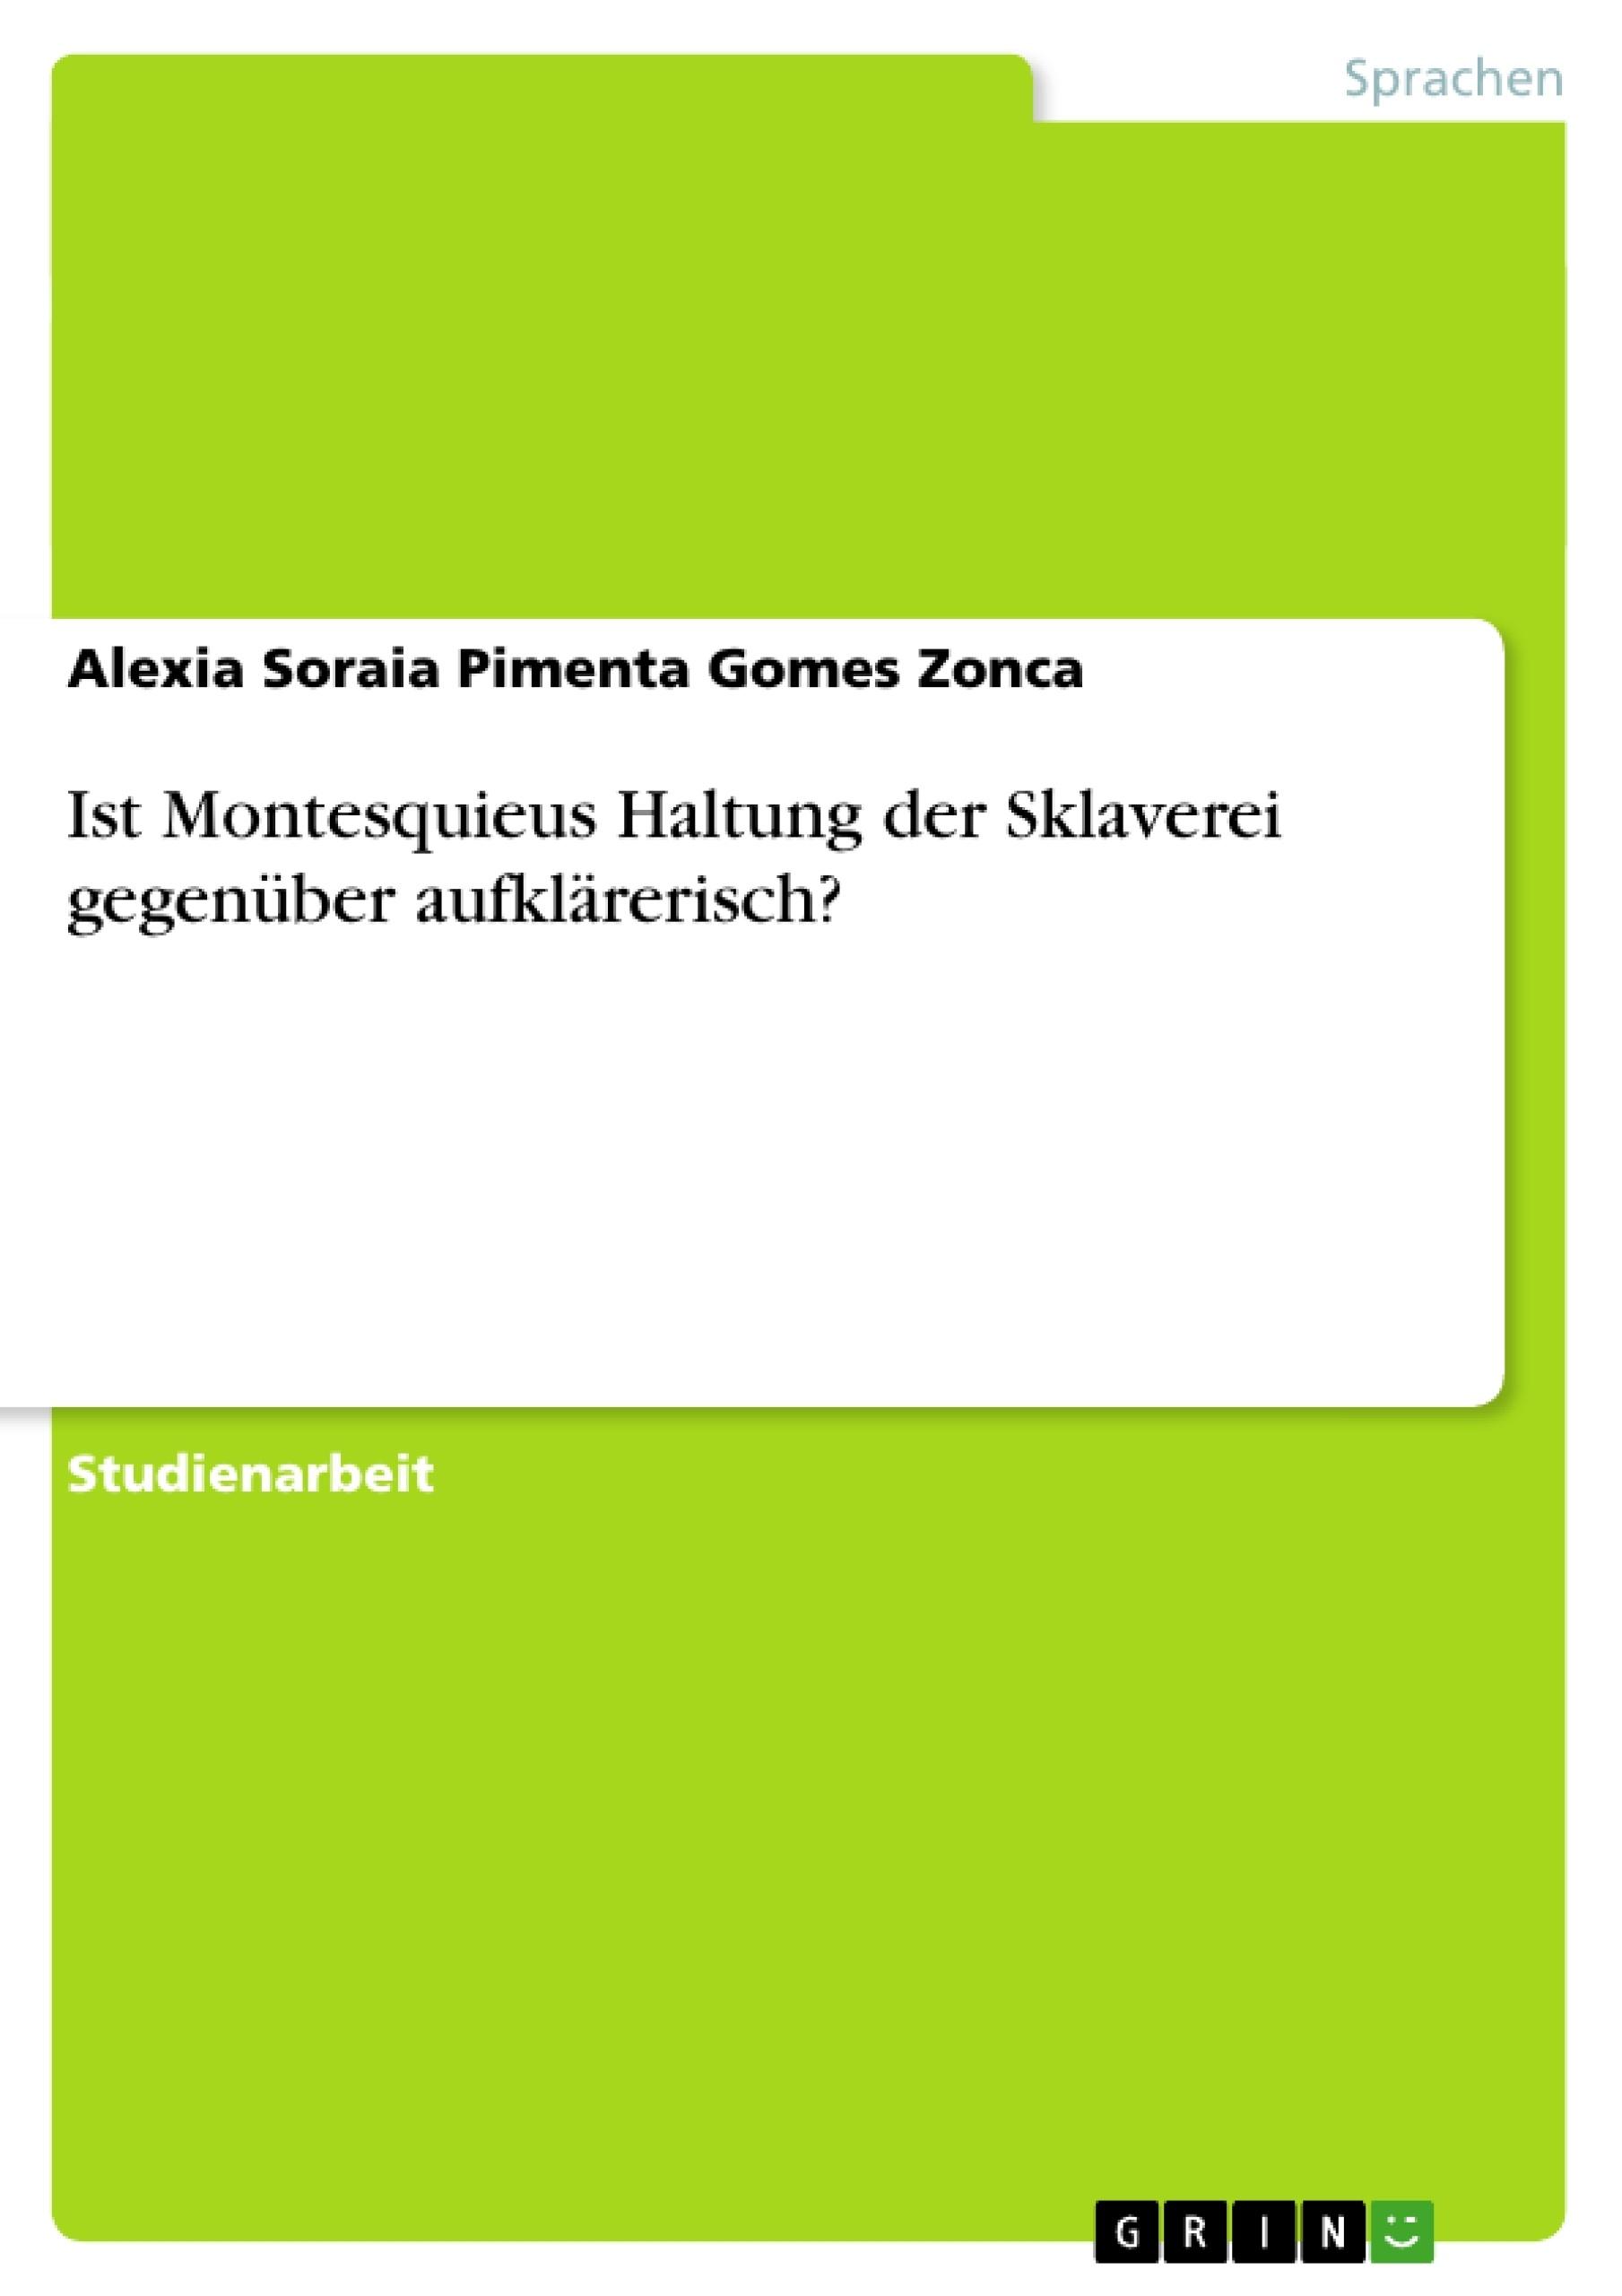 Titel: Ist Montesquieus Haltung der Sklaverei gegenüber aufklärerisch?